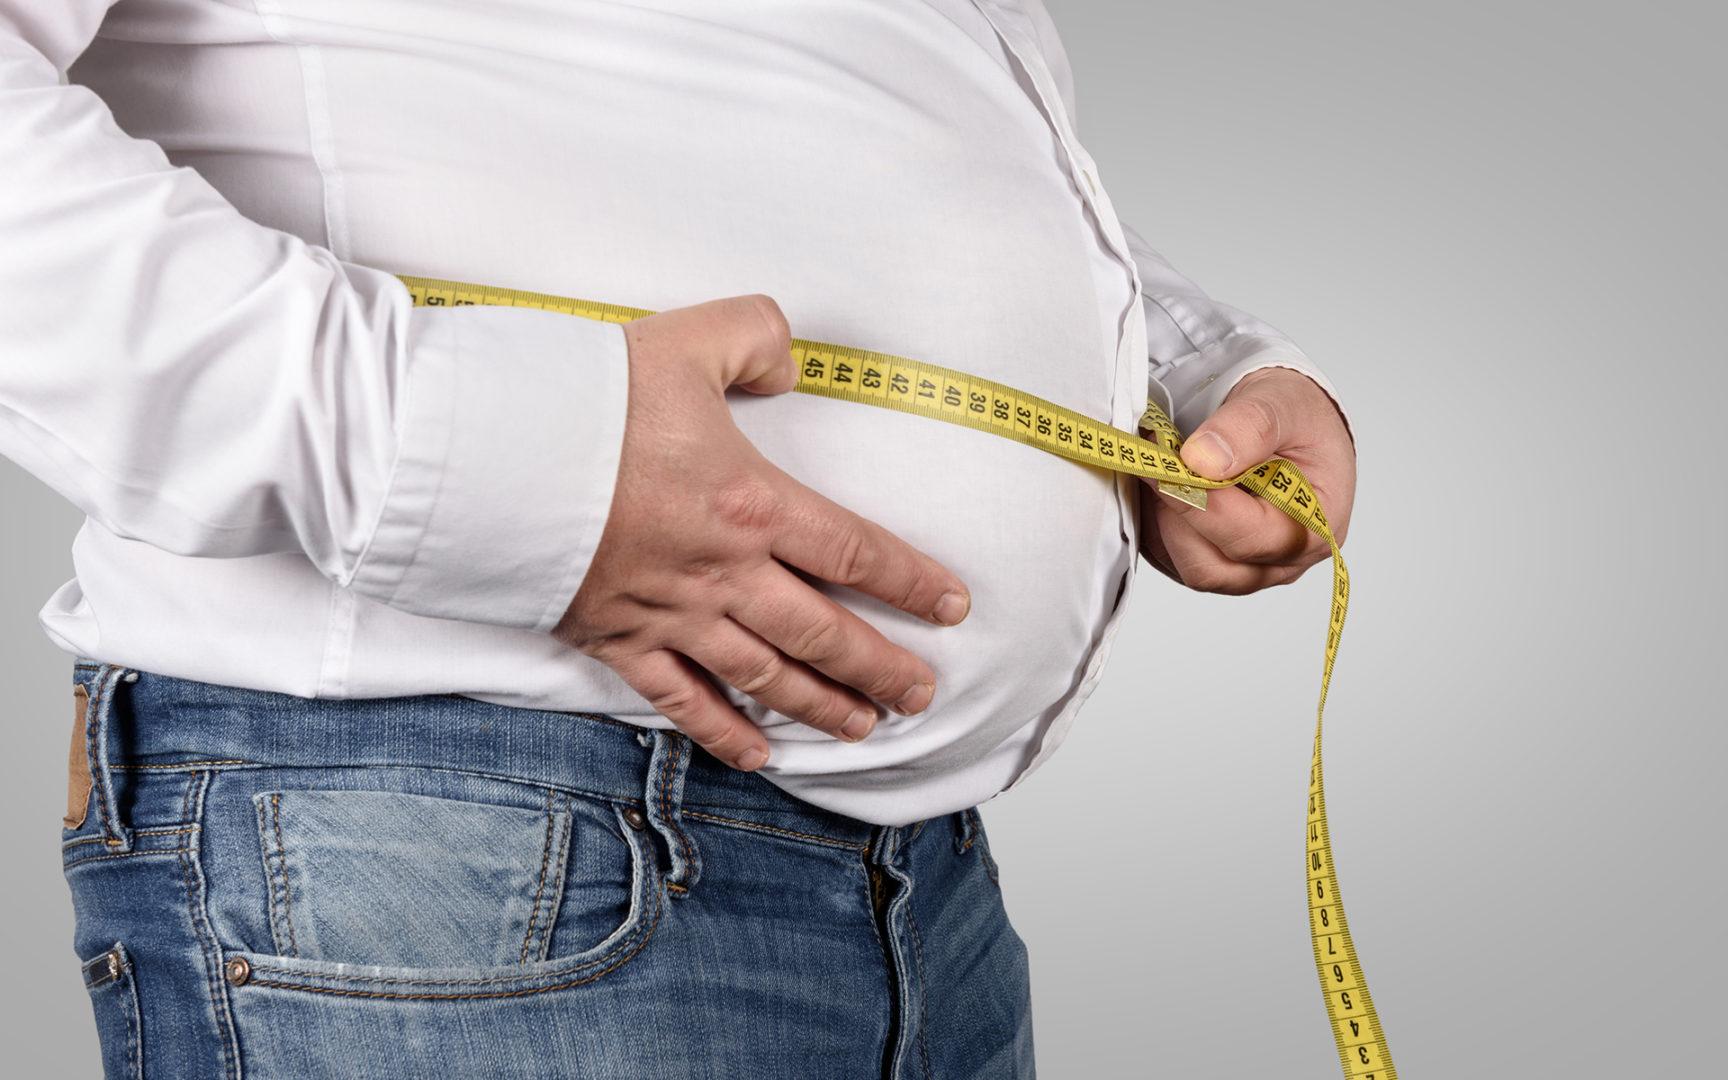 Miesten vaihdevuodet oireilevat monin tavoin. Myös keskivartalolihavuus vähentää seksihaluja.